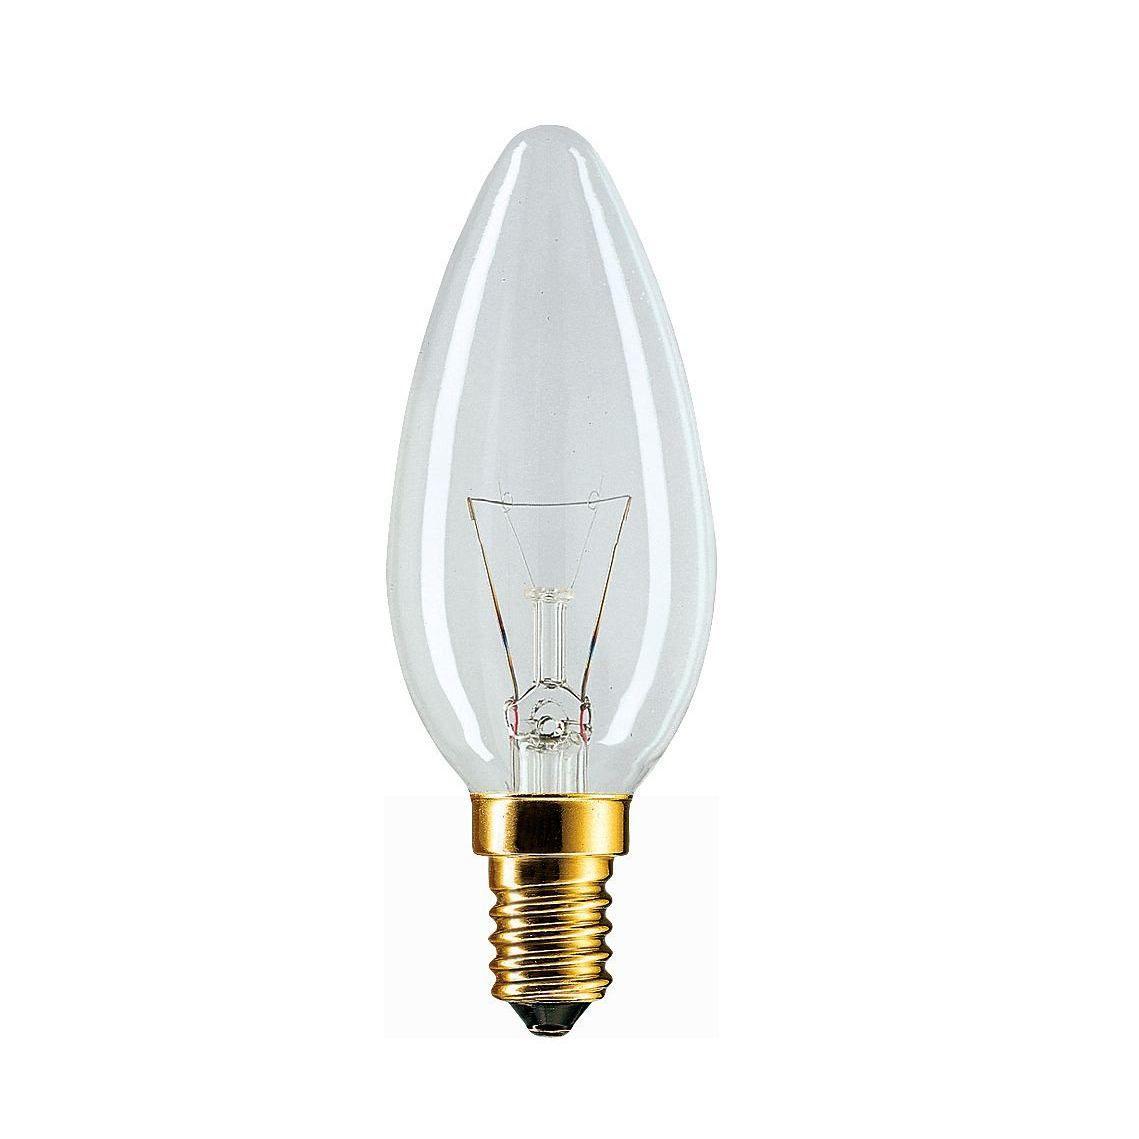 Купить Лампа накаливания Philips Stan 25W E14 230V B35 CL 1CT/10X10F свеча, прозрачная